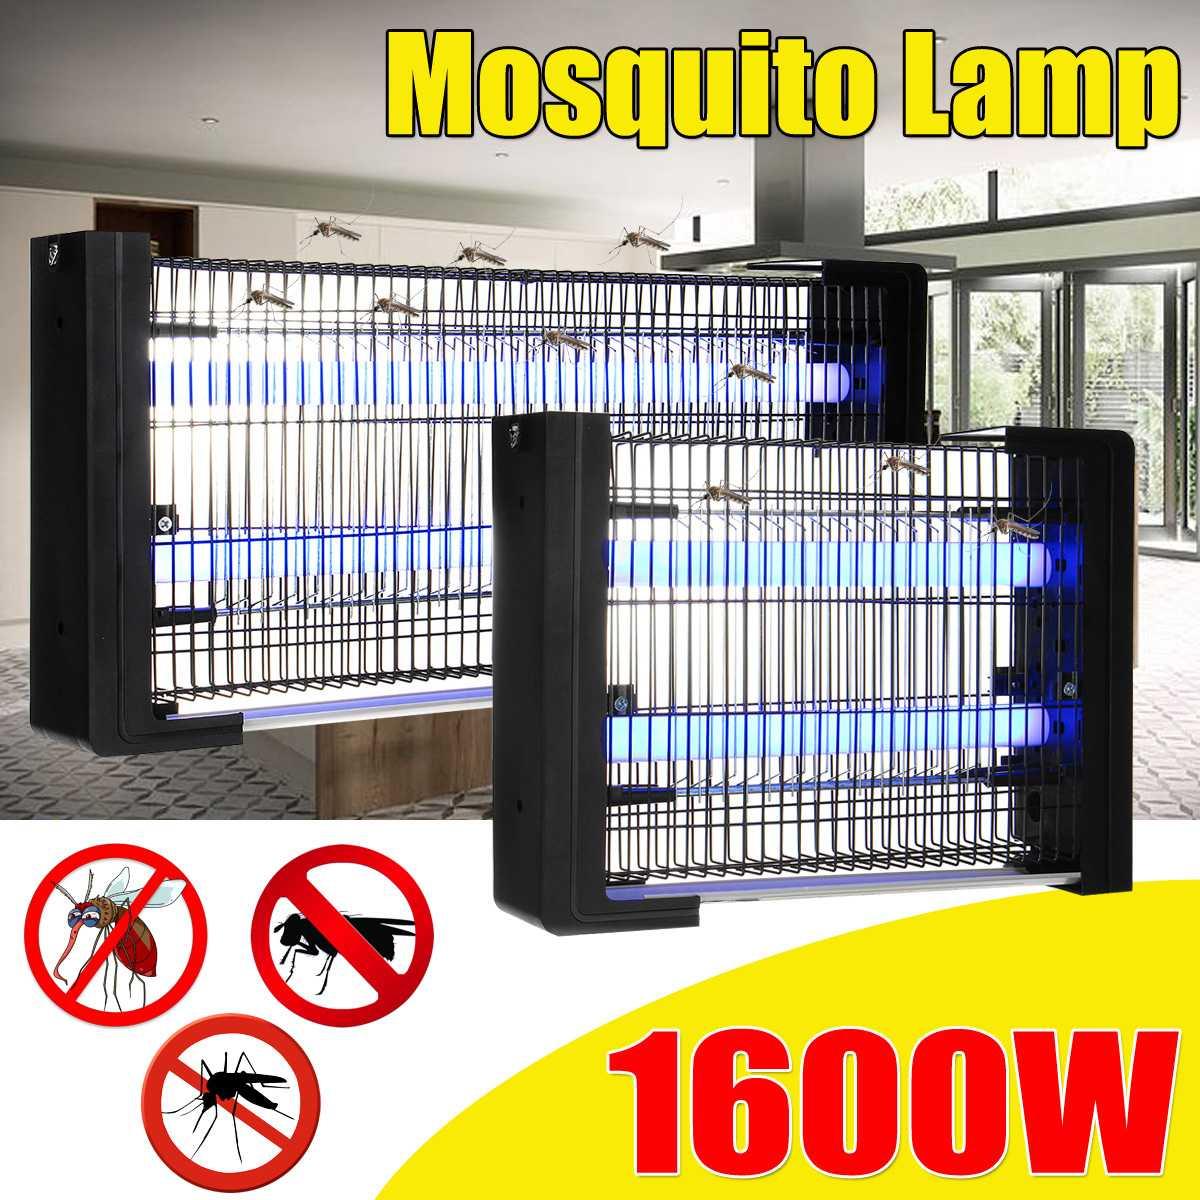 220V поражения электрическим током Fly мухобойка комаров насекомых светодиодные лампы 3/6W энергоэкономичная анти москитный репеллент лампа CN